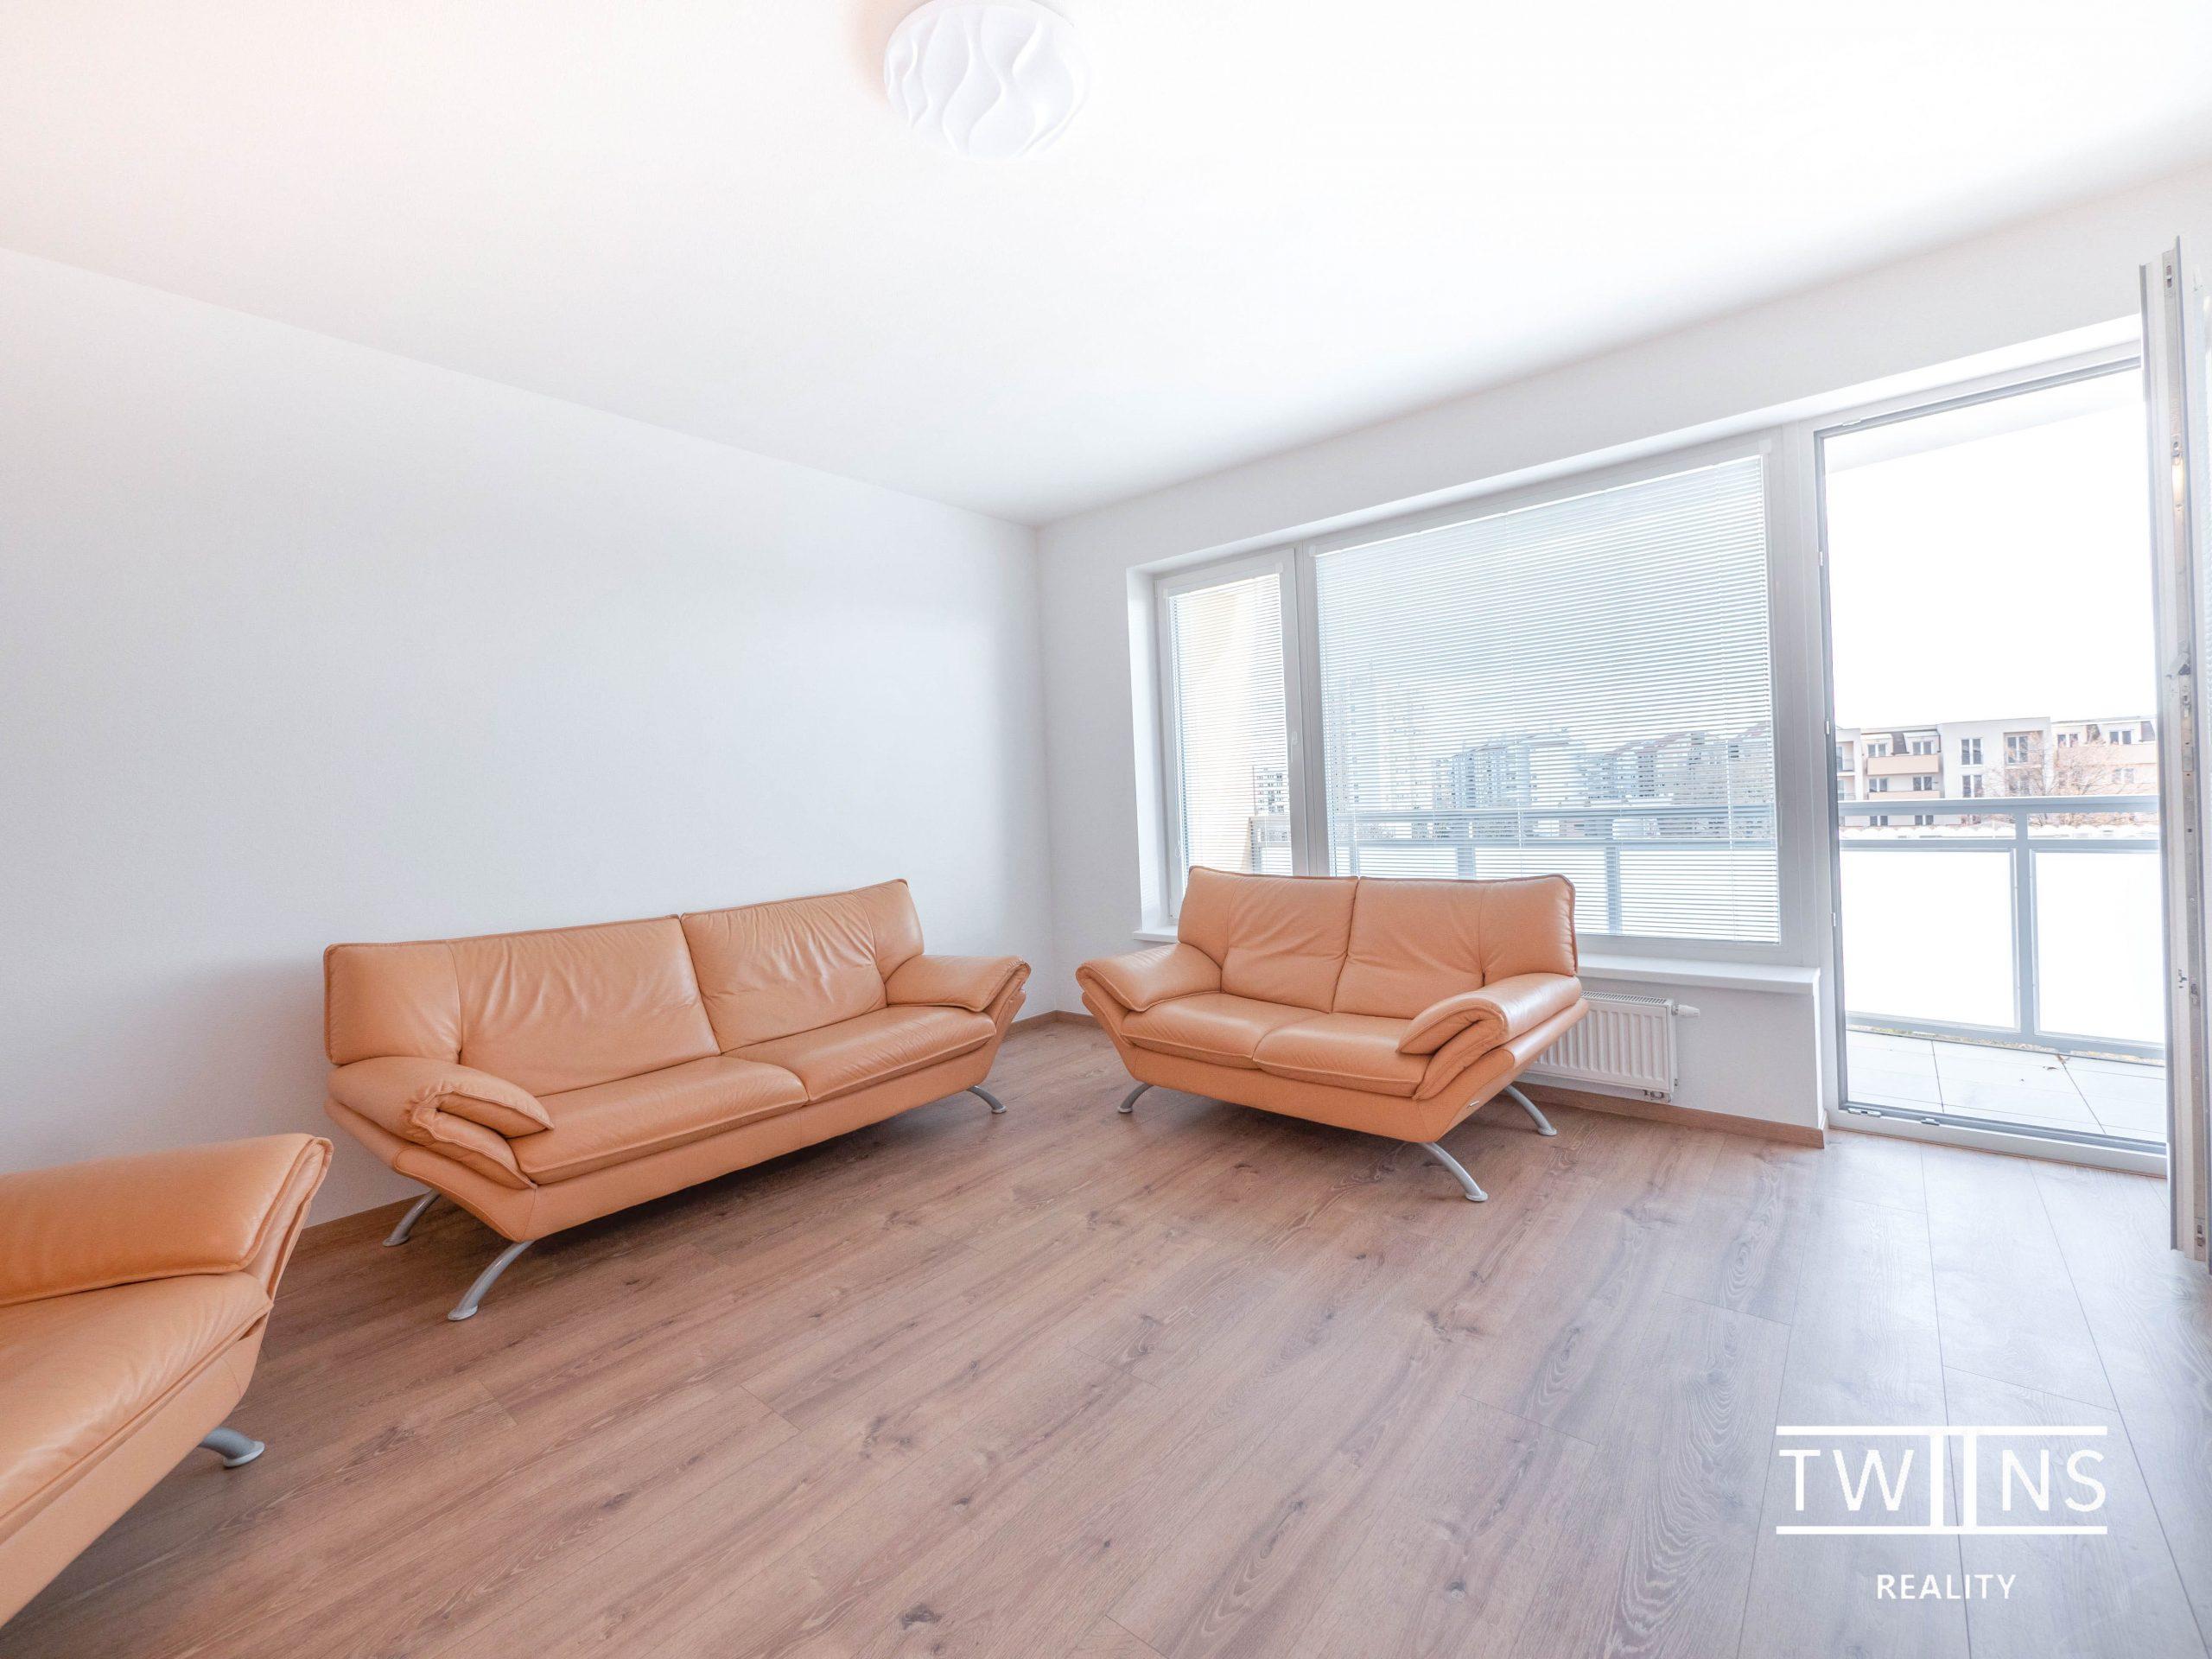 PRenajate !!!!!!!!        Prenajmeme luxusný💎 velkometražný ( 74,6m2) 2 izbový byt v centre Senca v Novostavbe, 2 x balkon +parking🚗